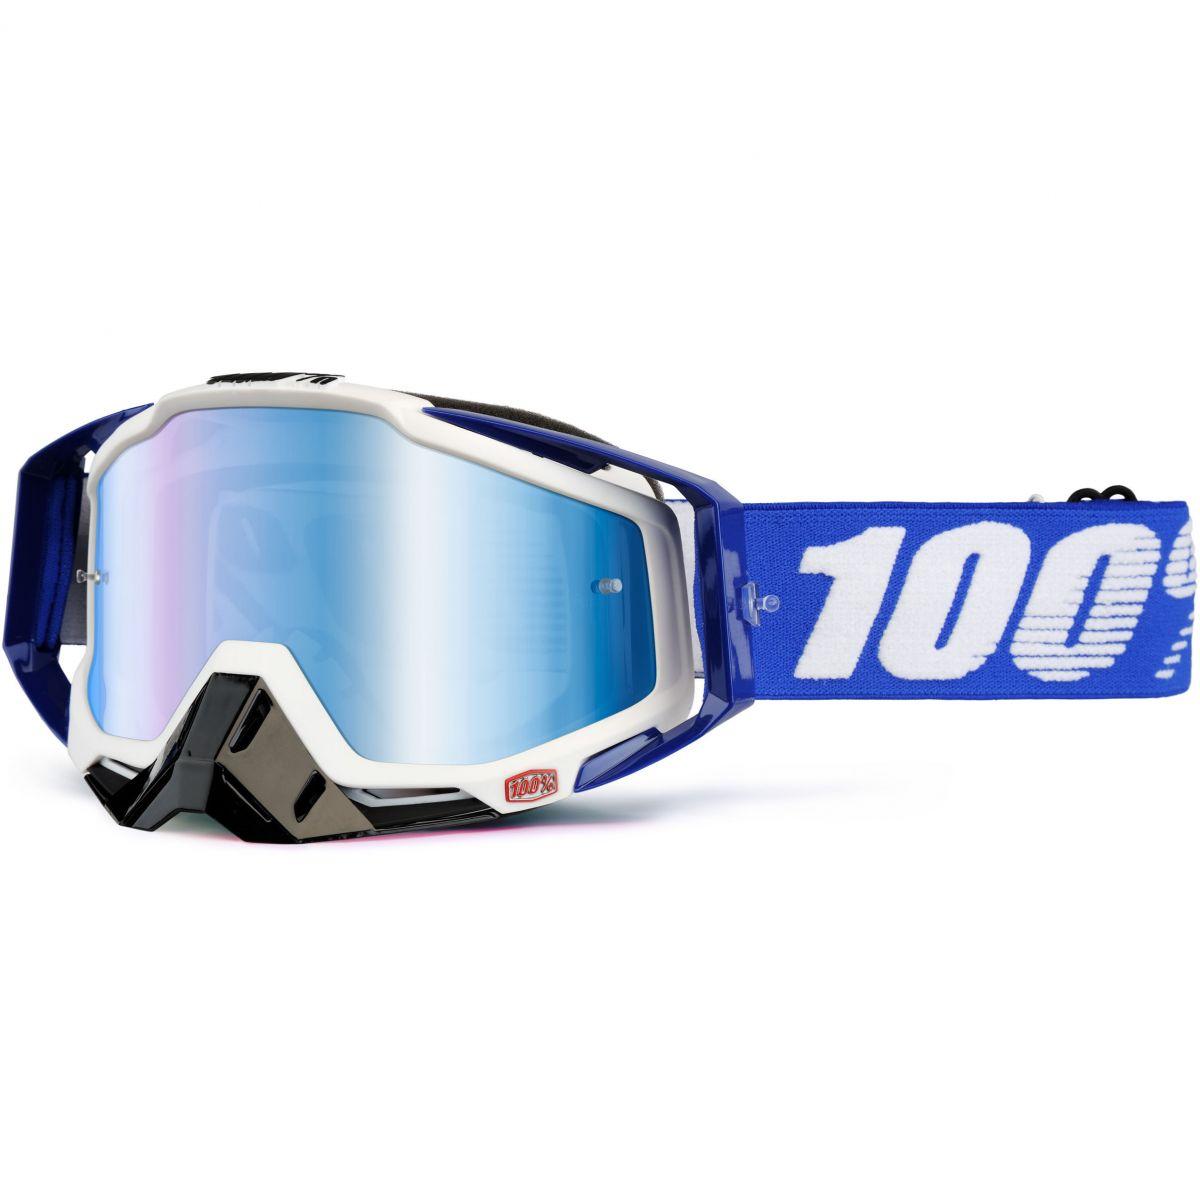 100% - Racecraft Cobalt Blue очки, линза зеркальная, синяя